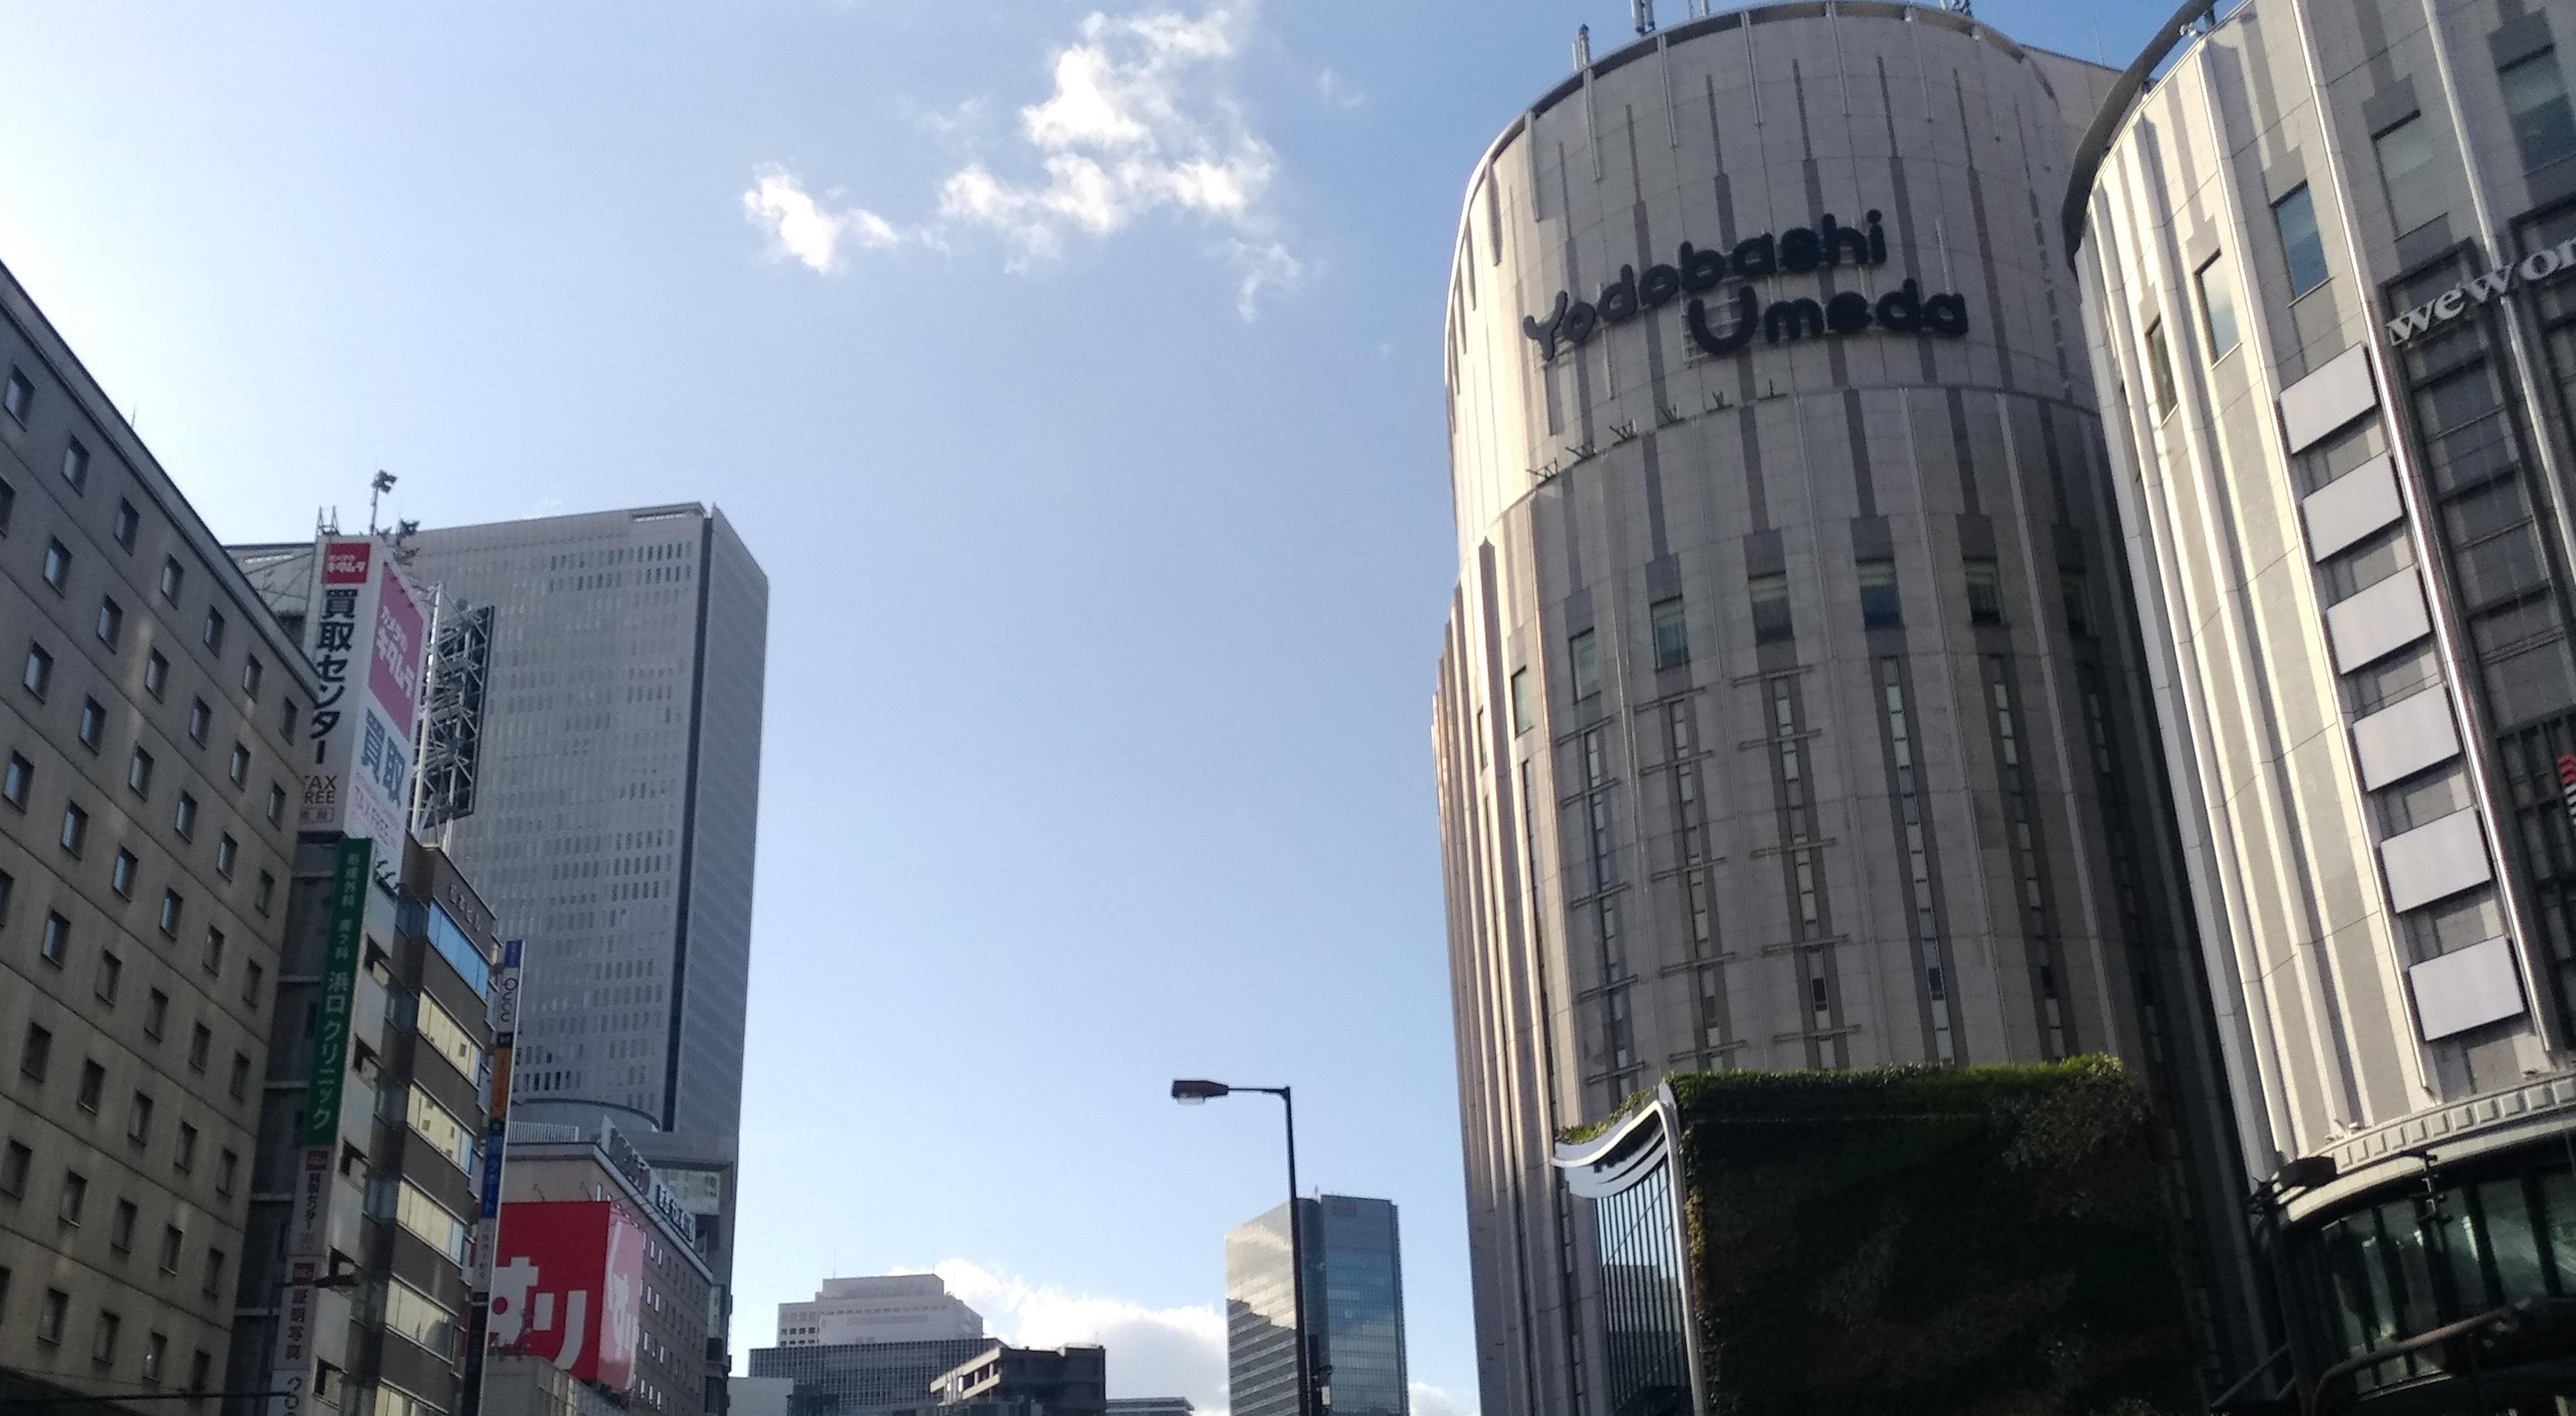 umeda_yodobashi_Links_tower_.jpg